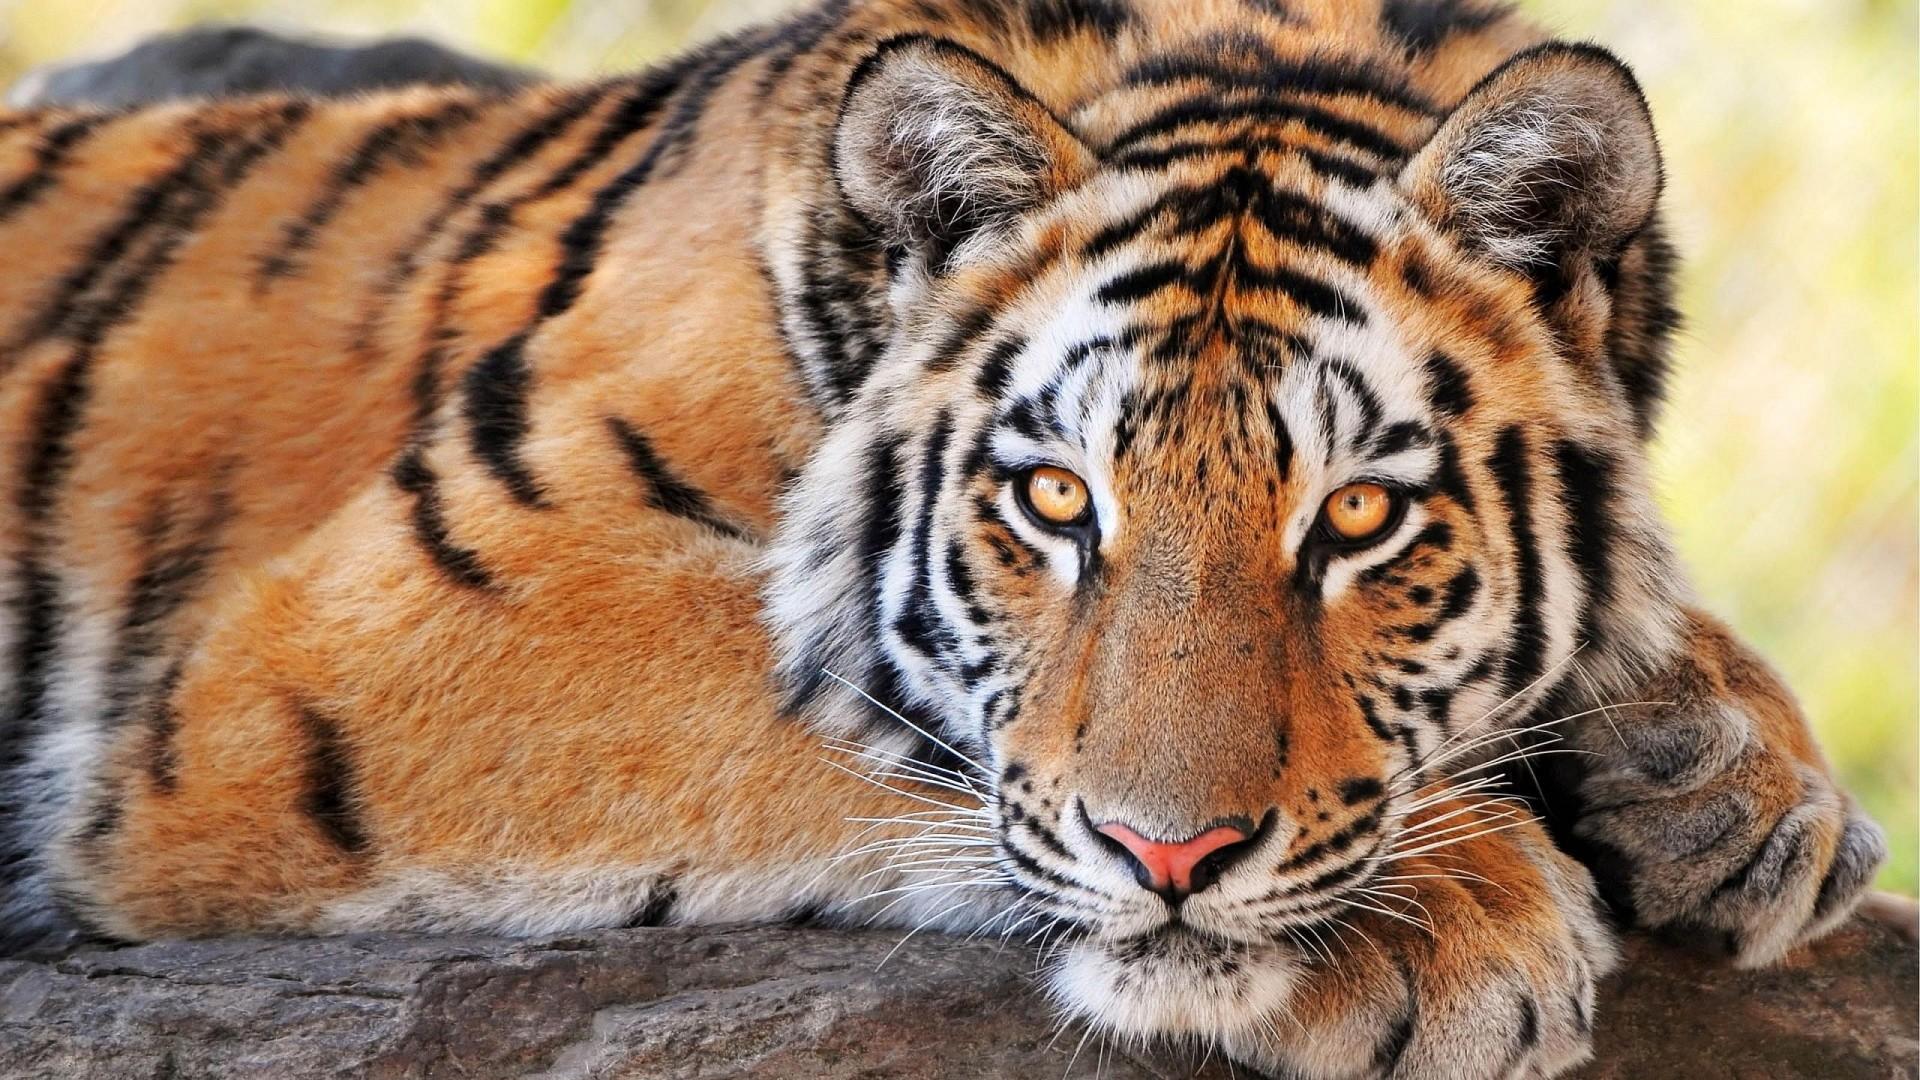 tiger hd wallpaper 0308